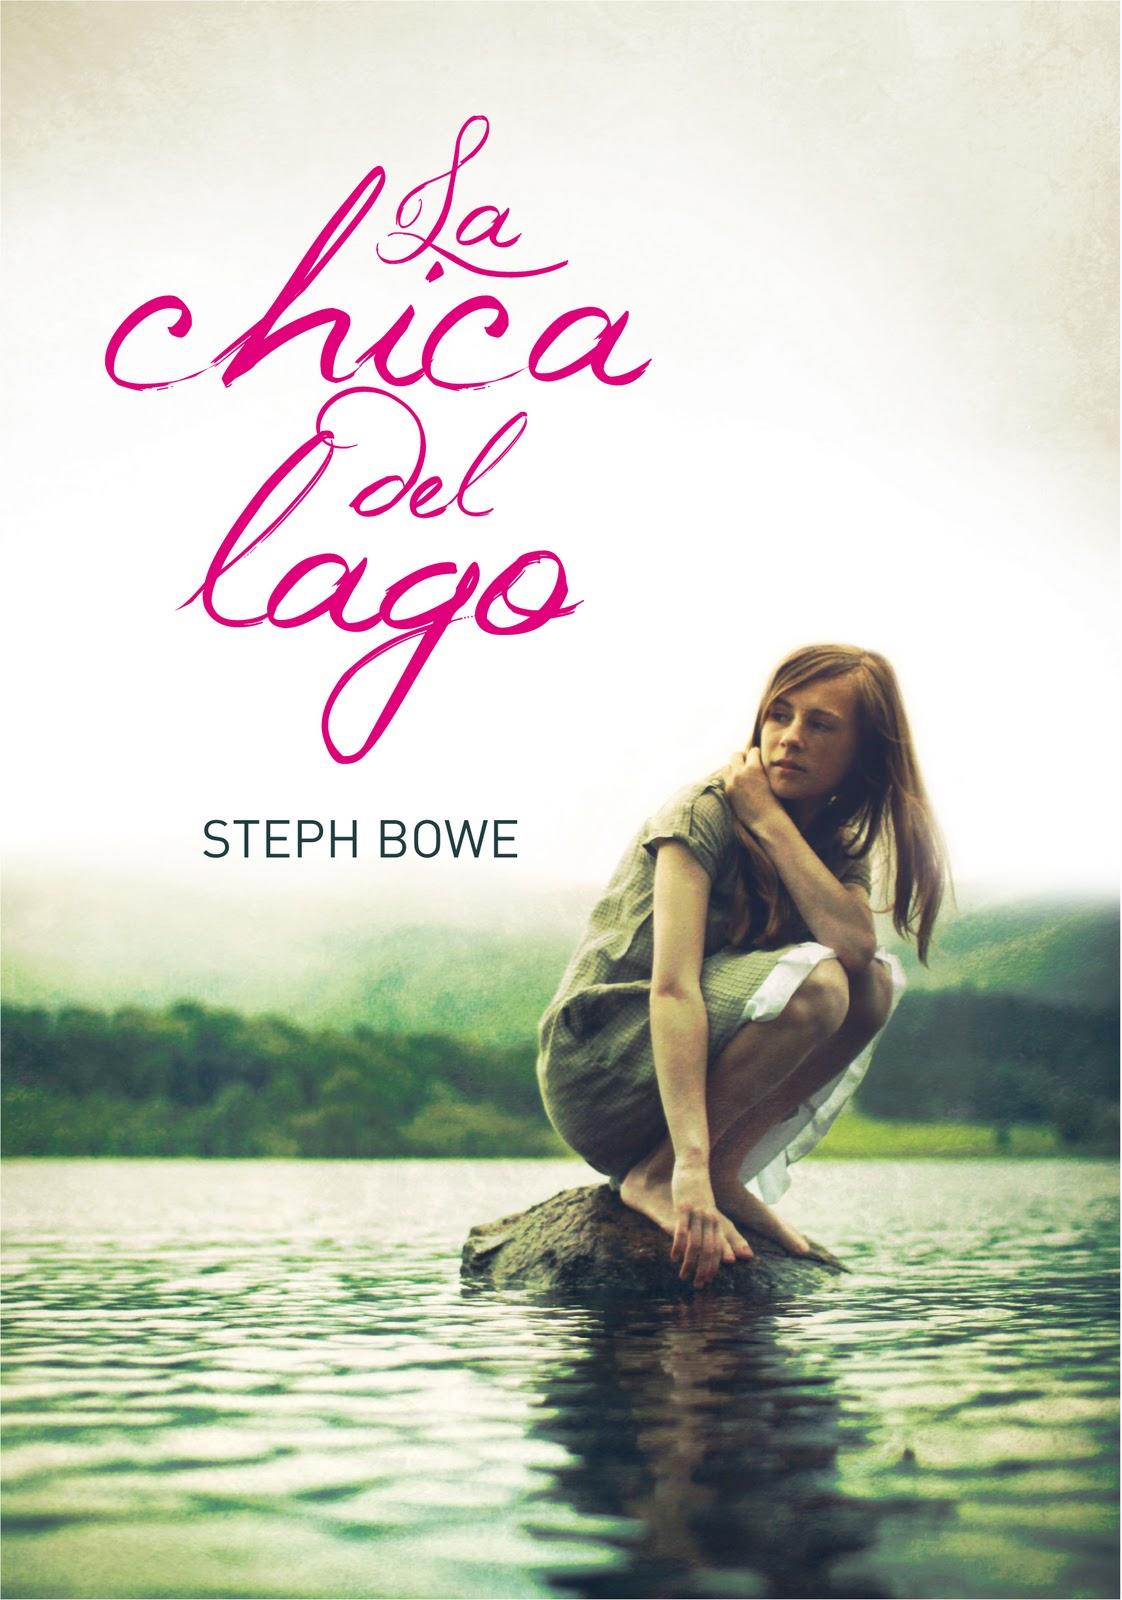 More about La chica del lago